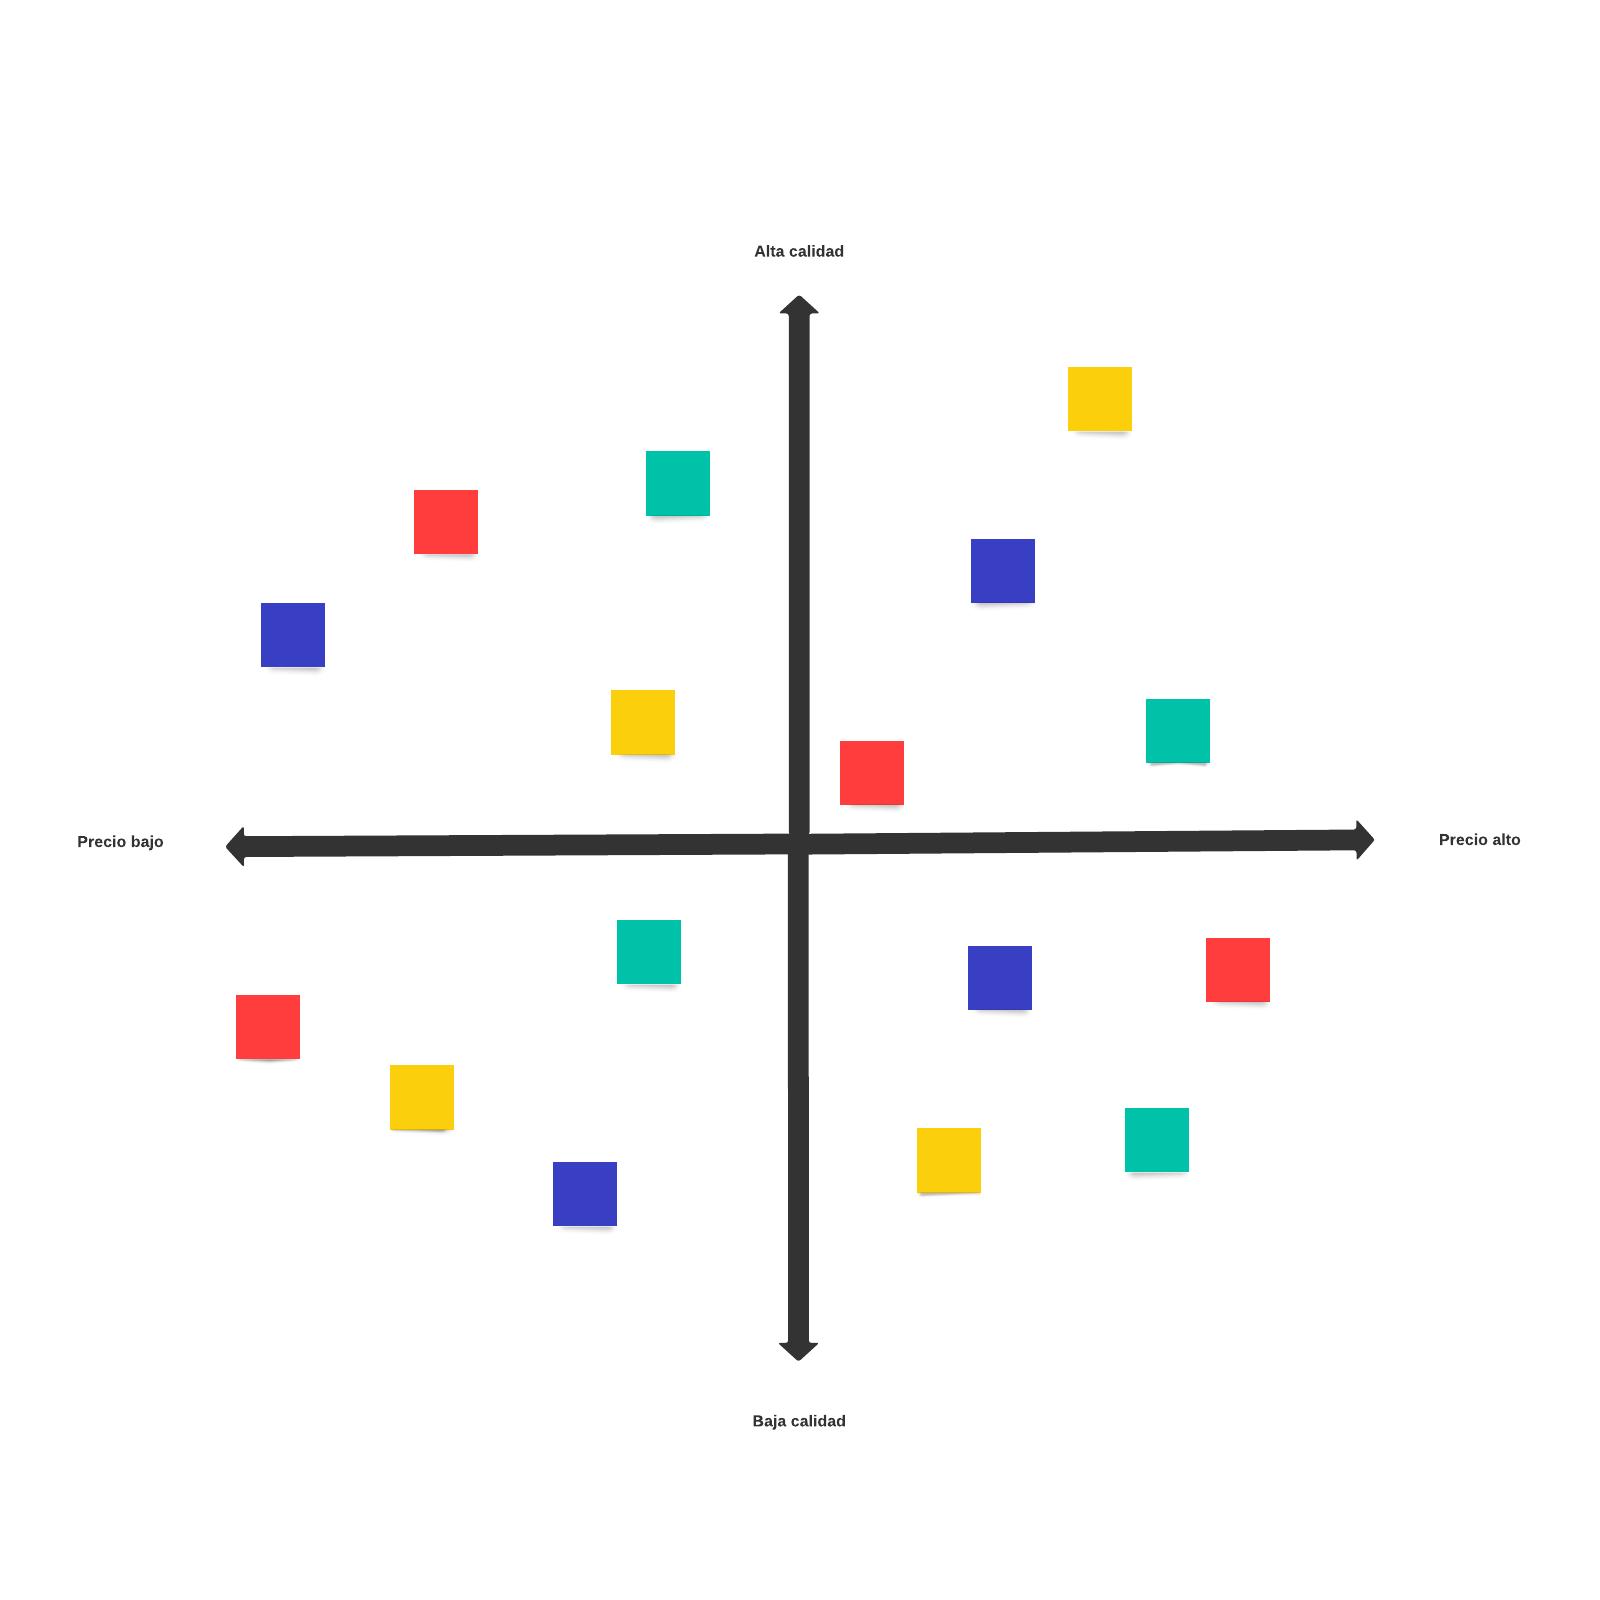 Plantilla de mapa perceptual